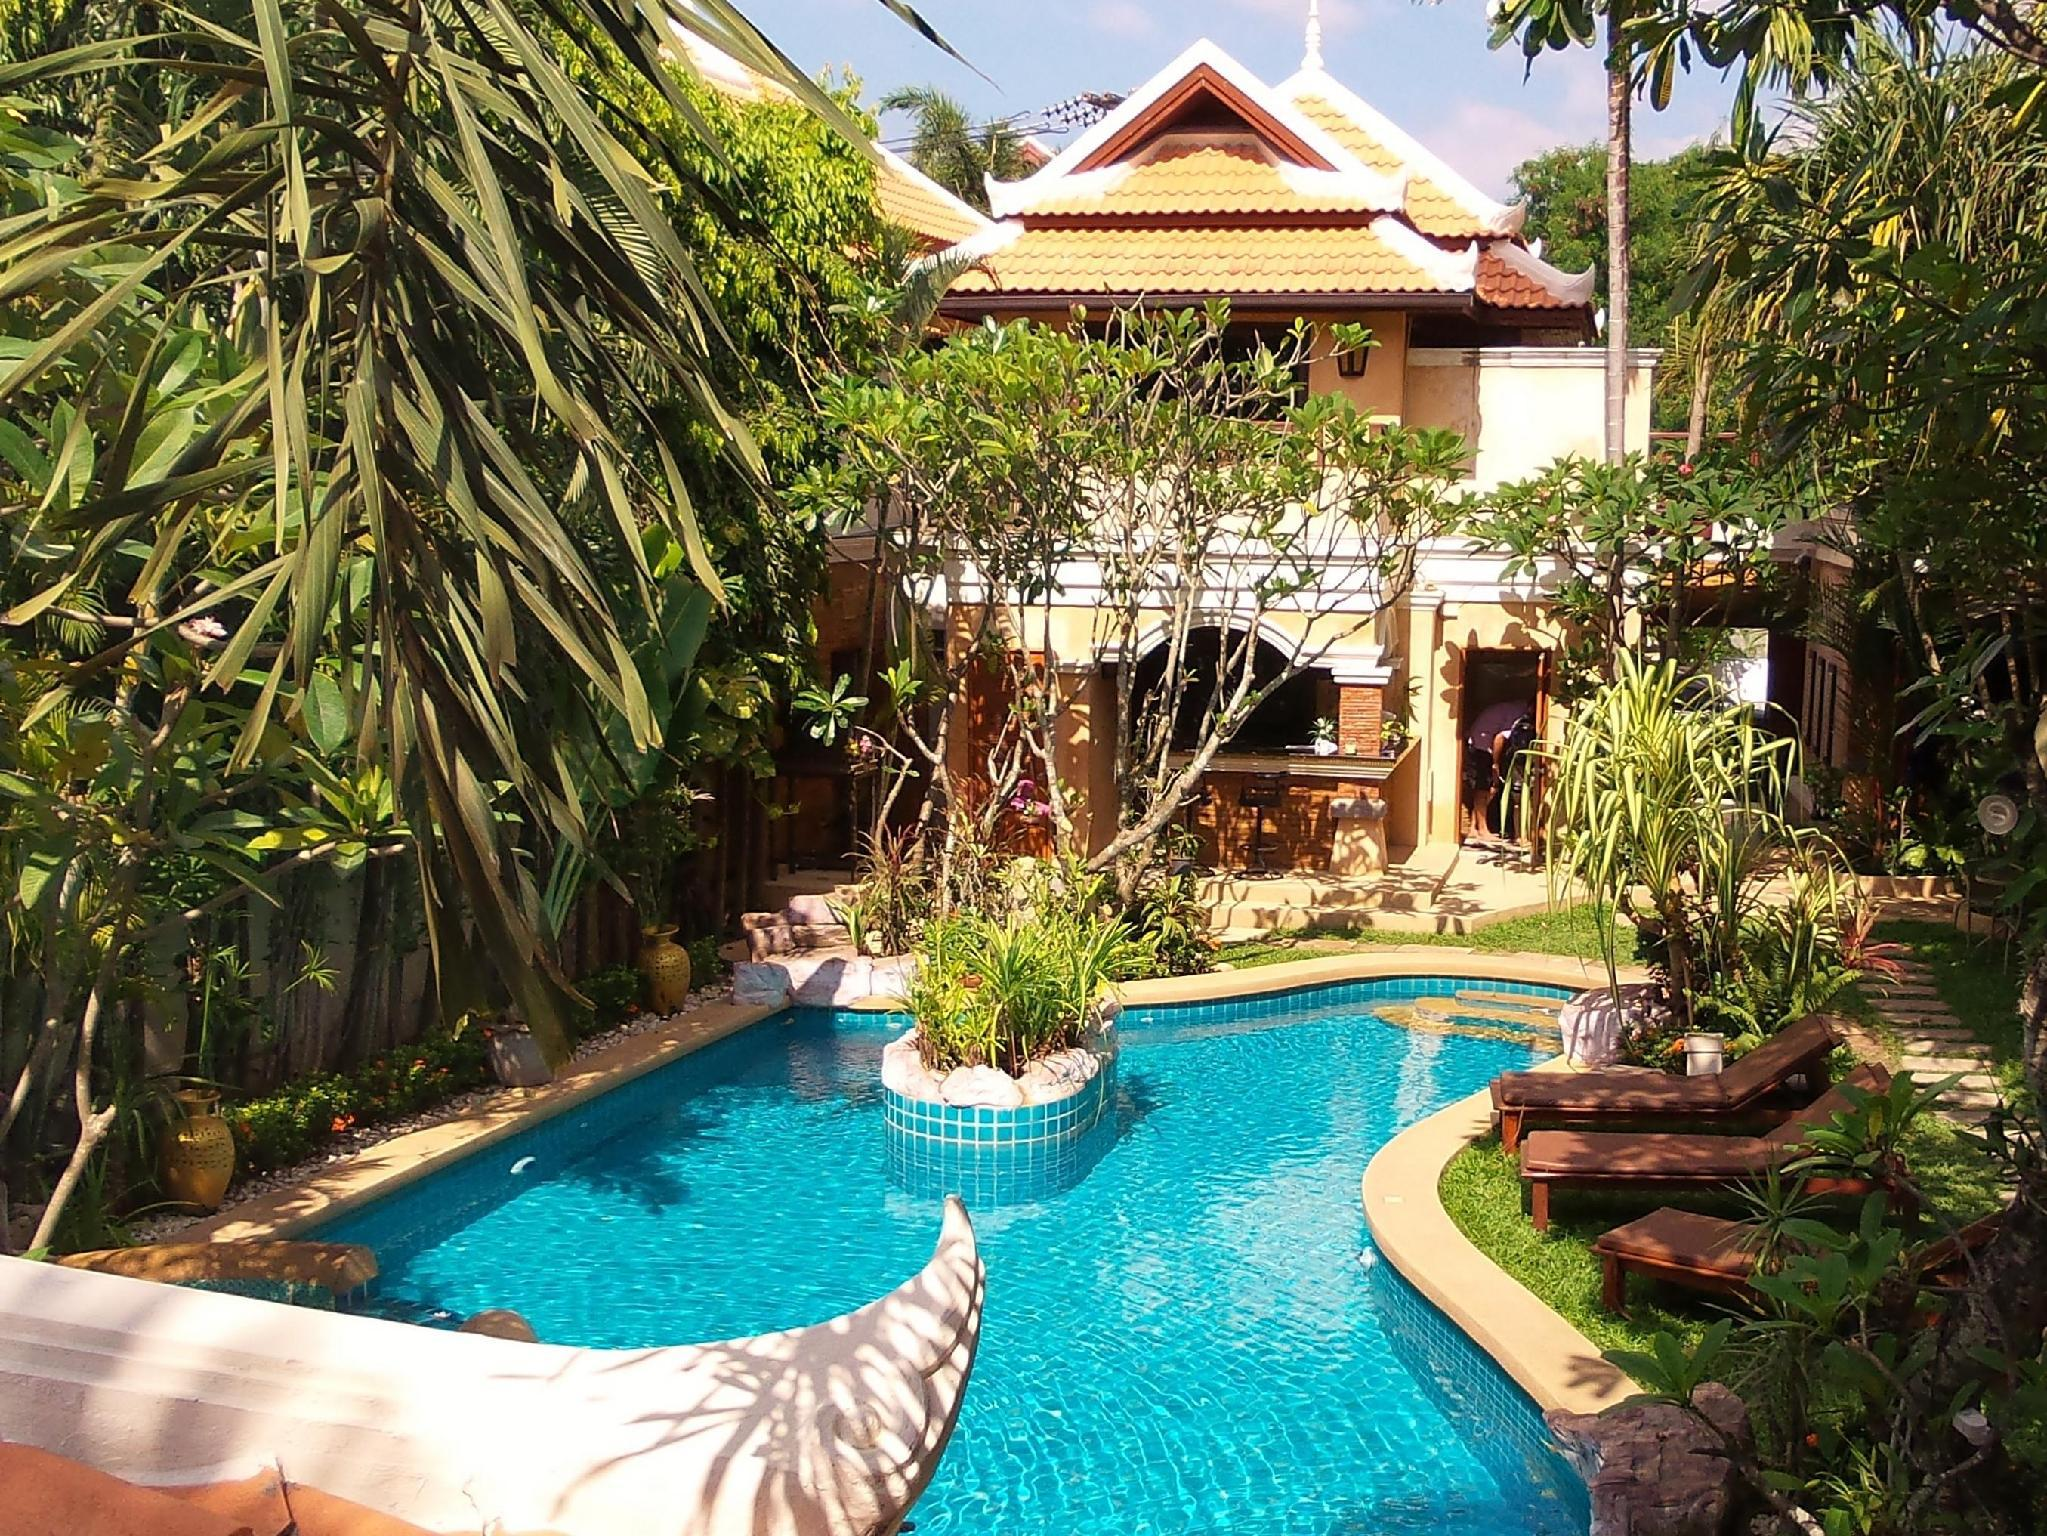 Le Viman Resort เลอ วิมาน รีสอร์ท